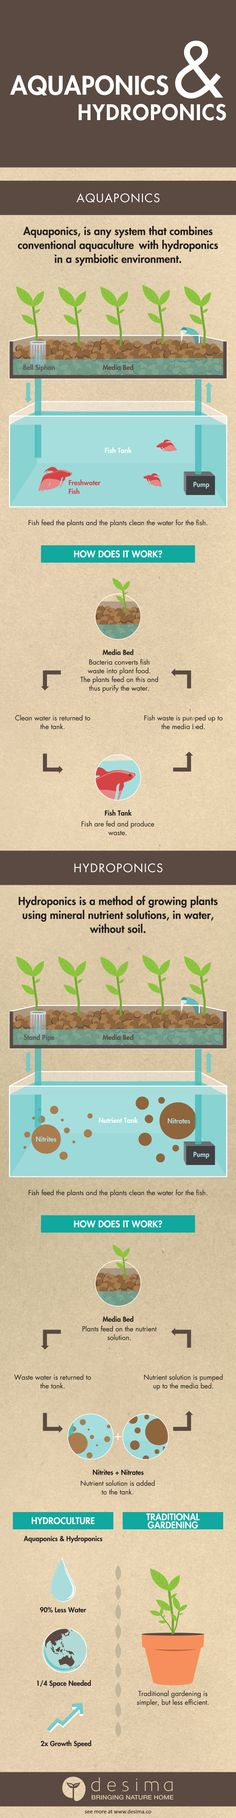 aquaponics hyrdroponics infographic